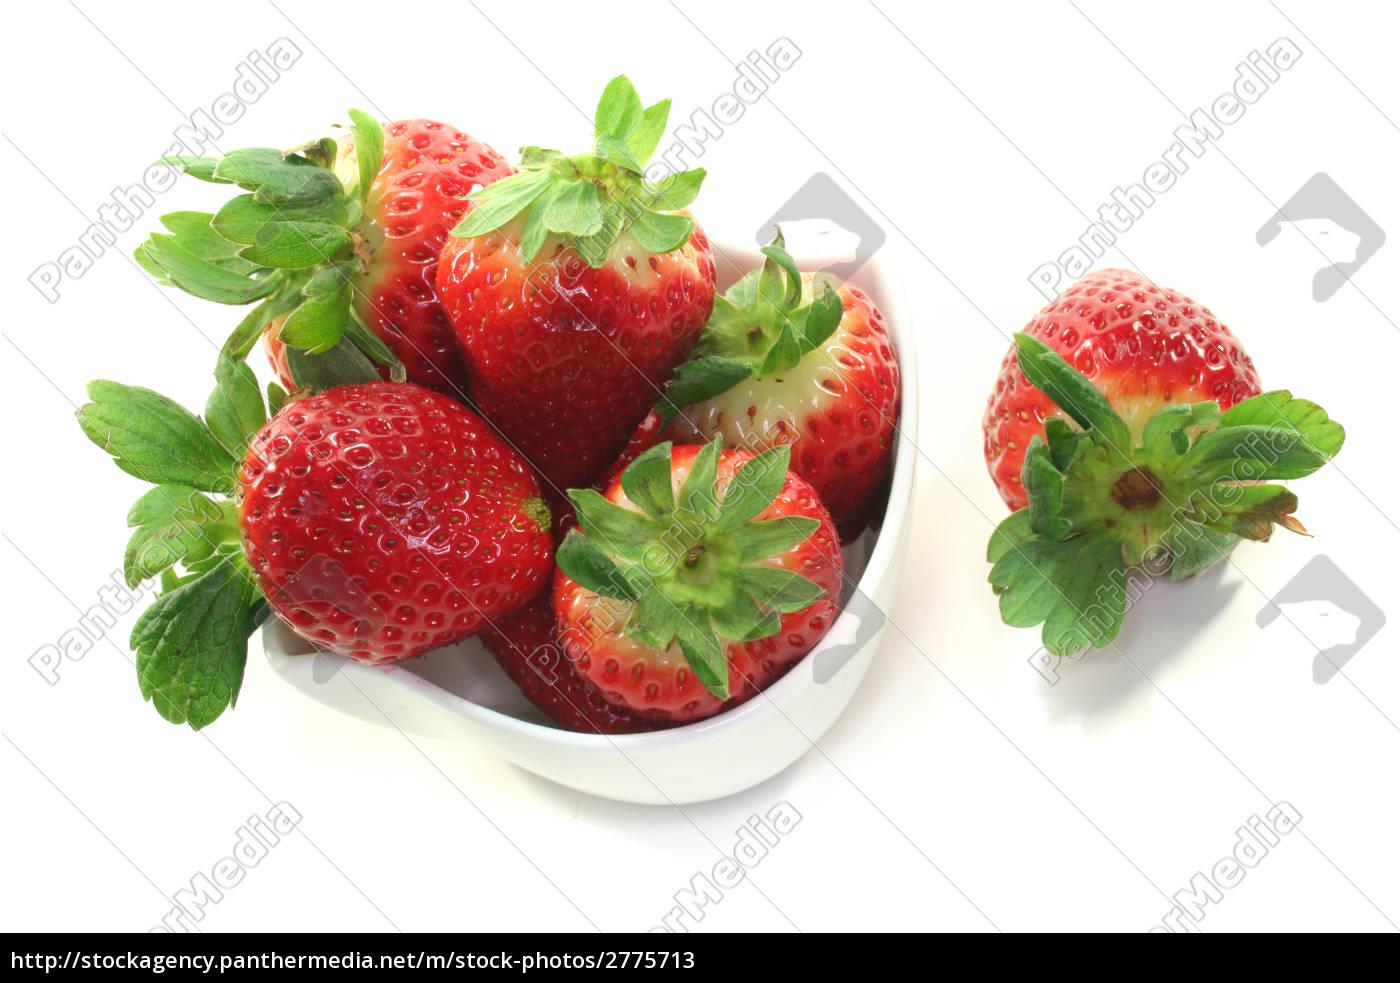 strawberries - 2775713